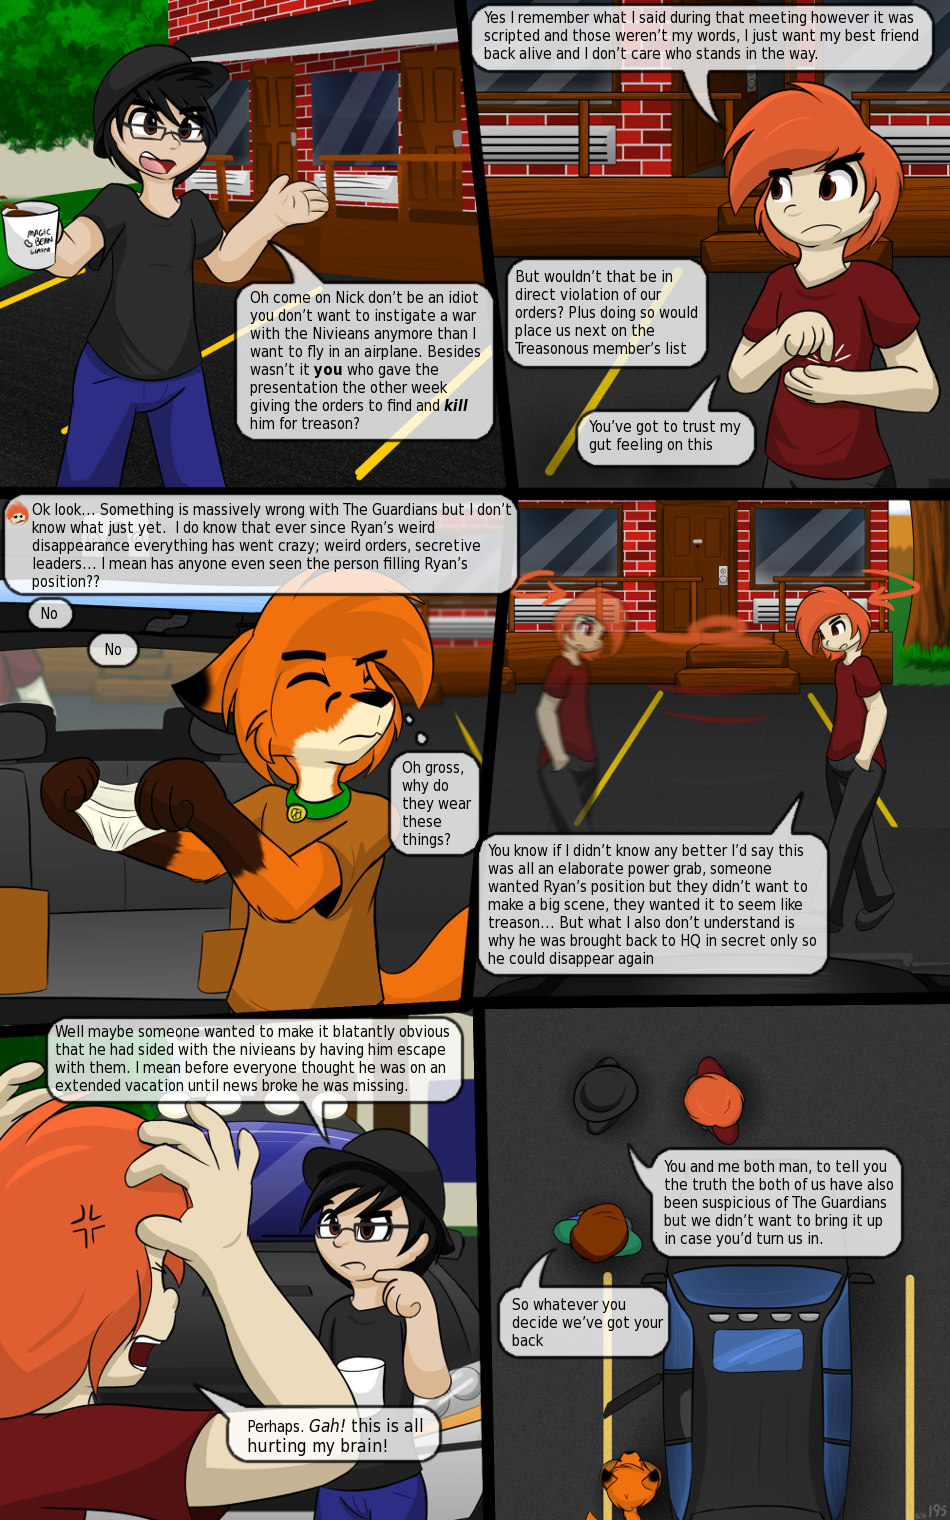 P195 - Reaching Nick's Better Judgement